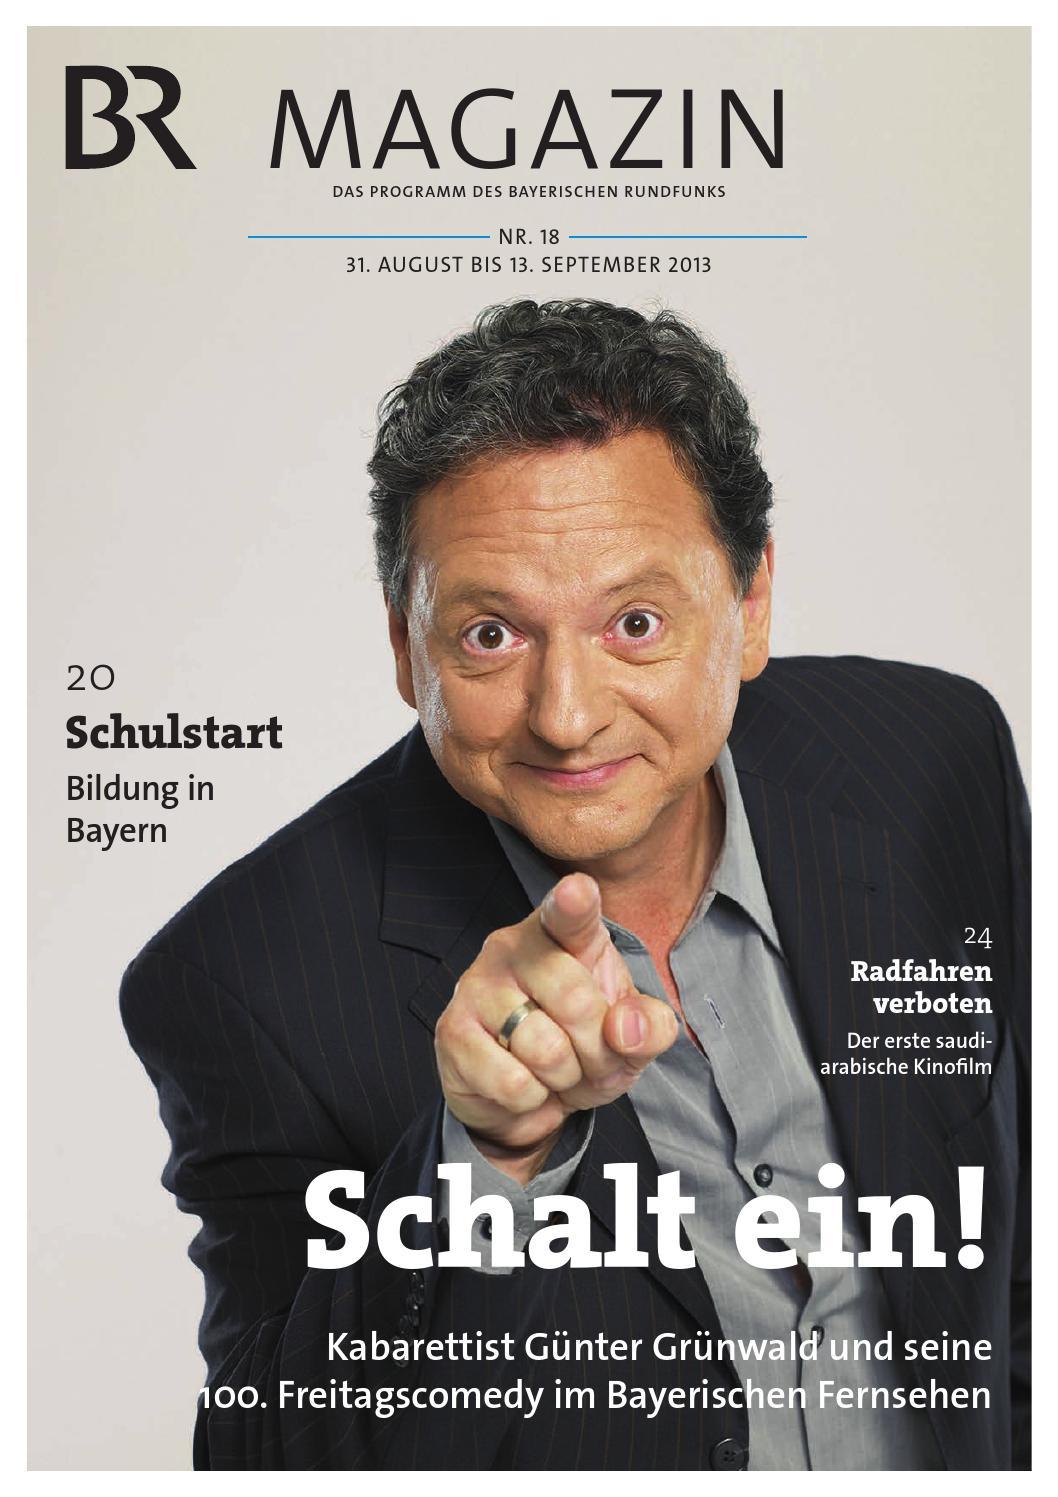 Br Magazin Nr 18 Vom 31 08 13 09 2013 By Bayerischer Rundfunk Issuu